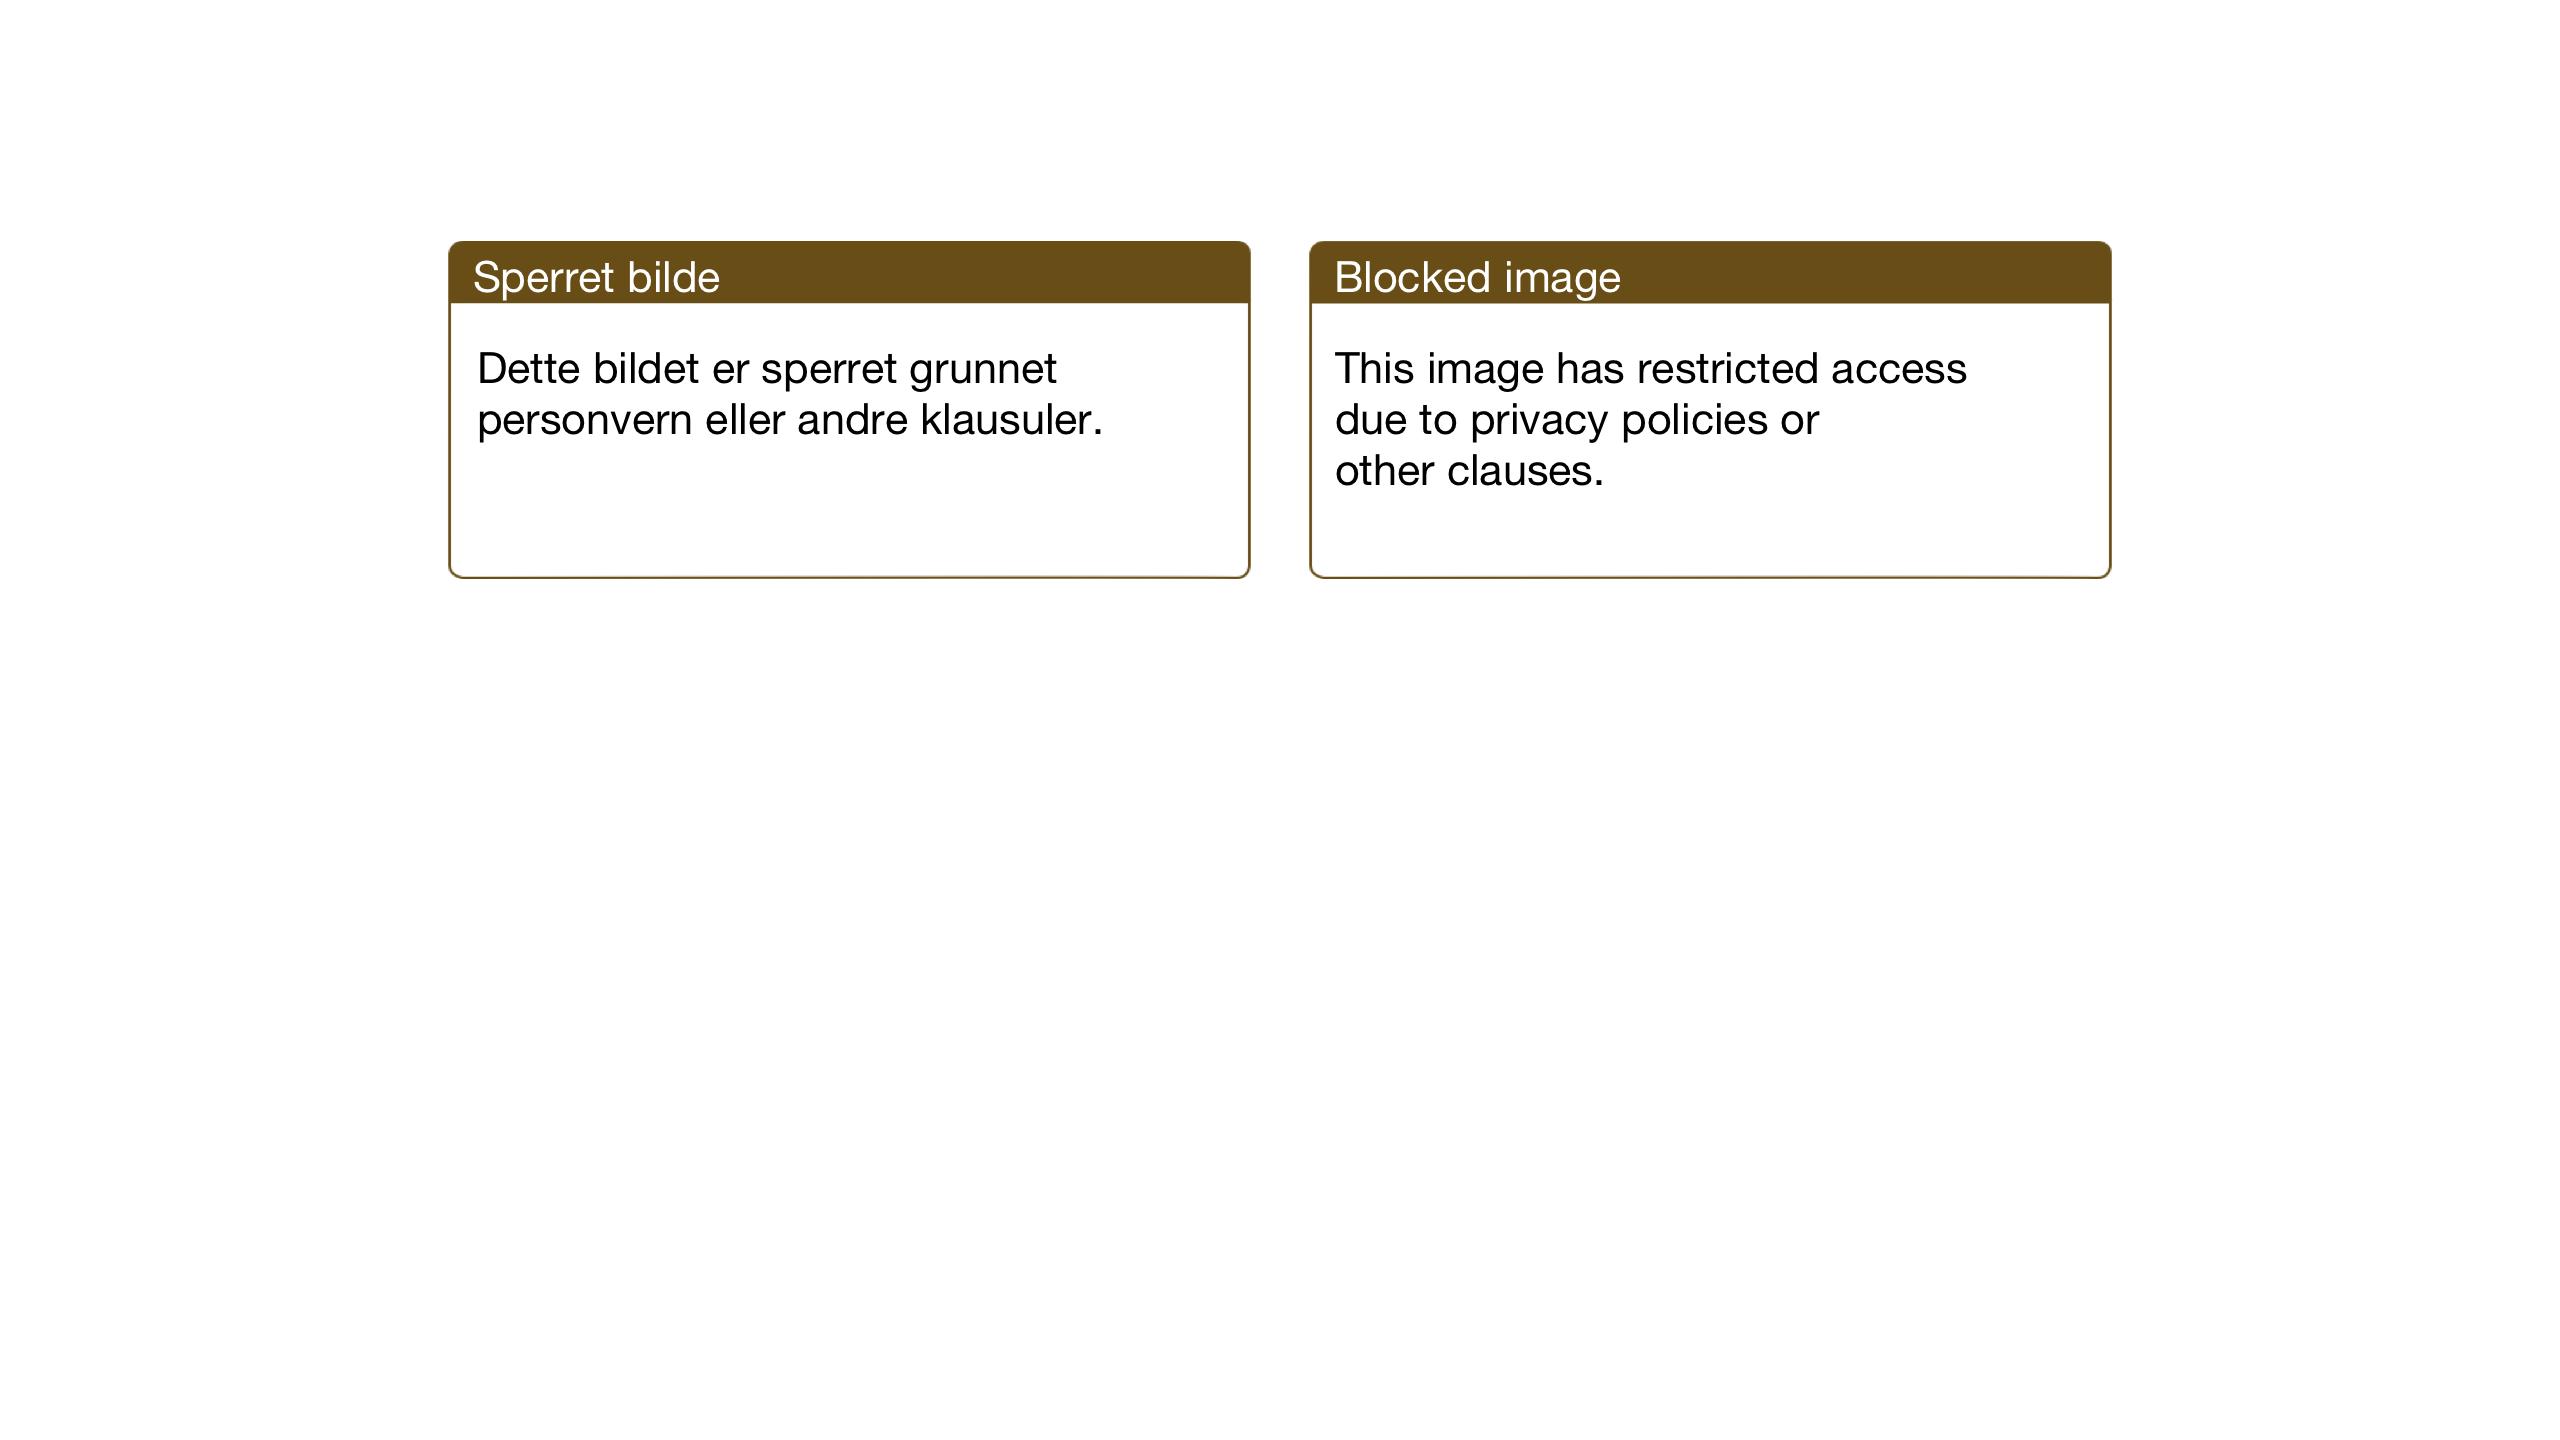 SAT, Ministerialprotokoller, klokkerbøker og fødselsregistre - Sør-Trøndelag, 655/L0690: Klokkerbok nr. 655C06, 1937-1950, s. 83